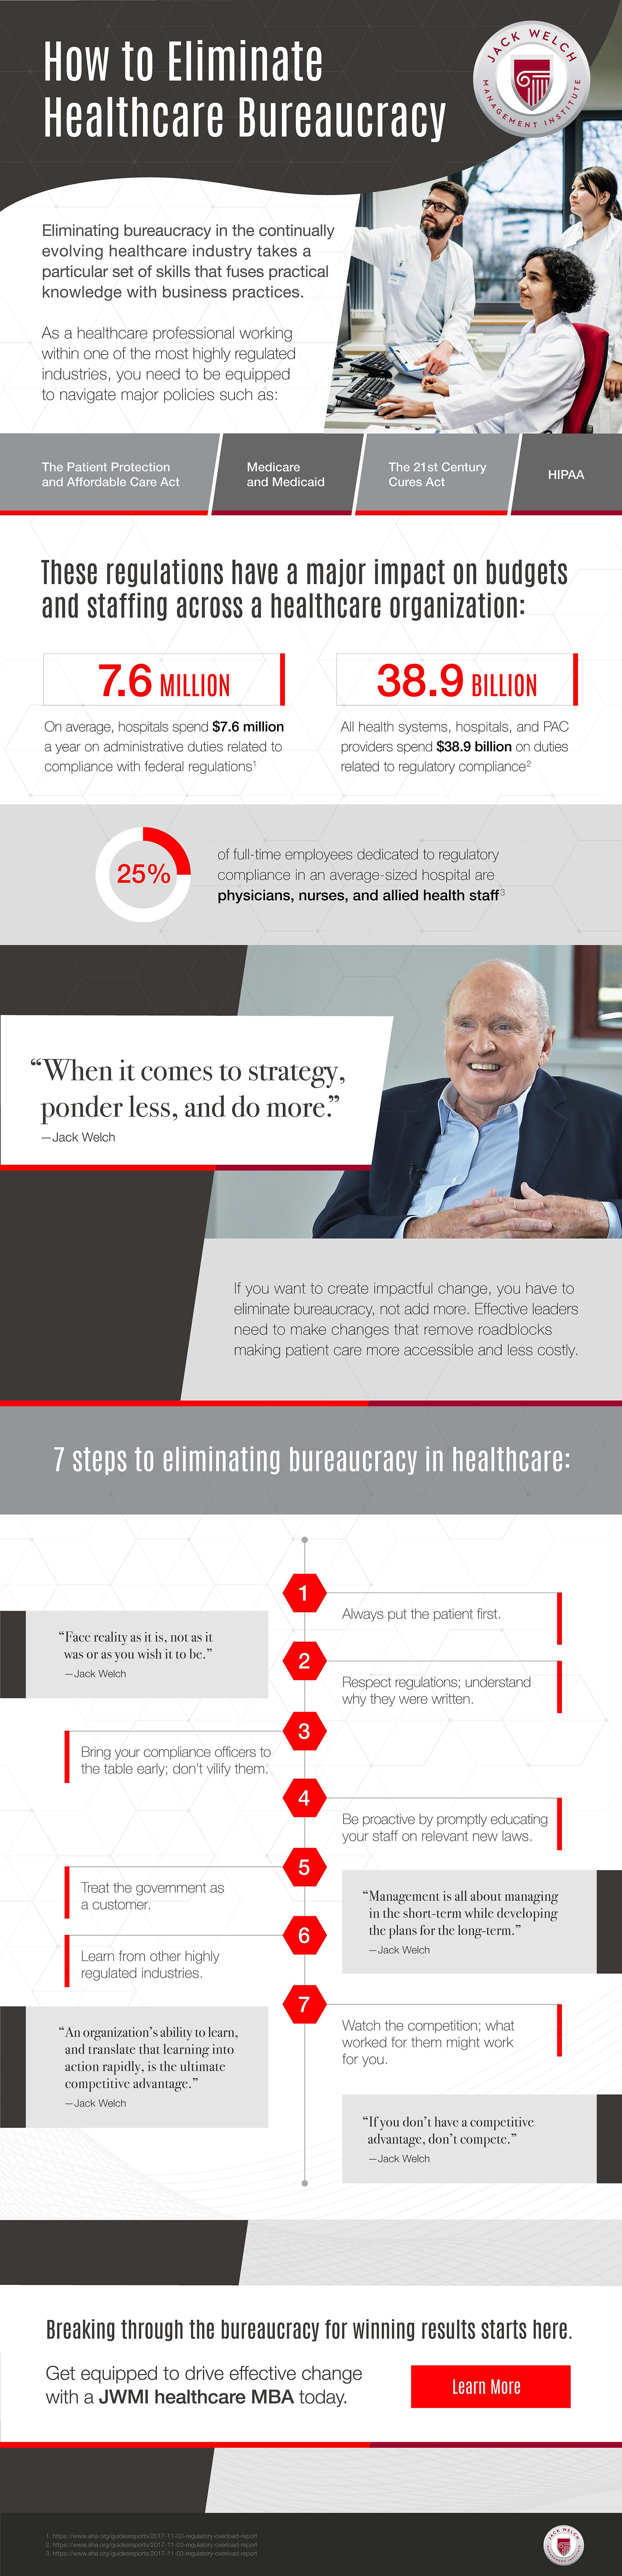 healthcare bureaucracy infographic